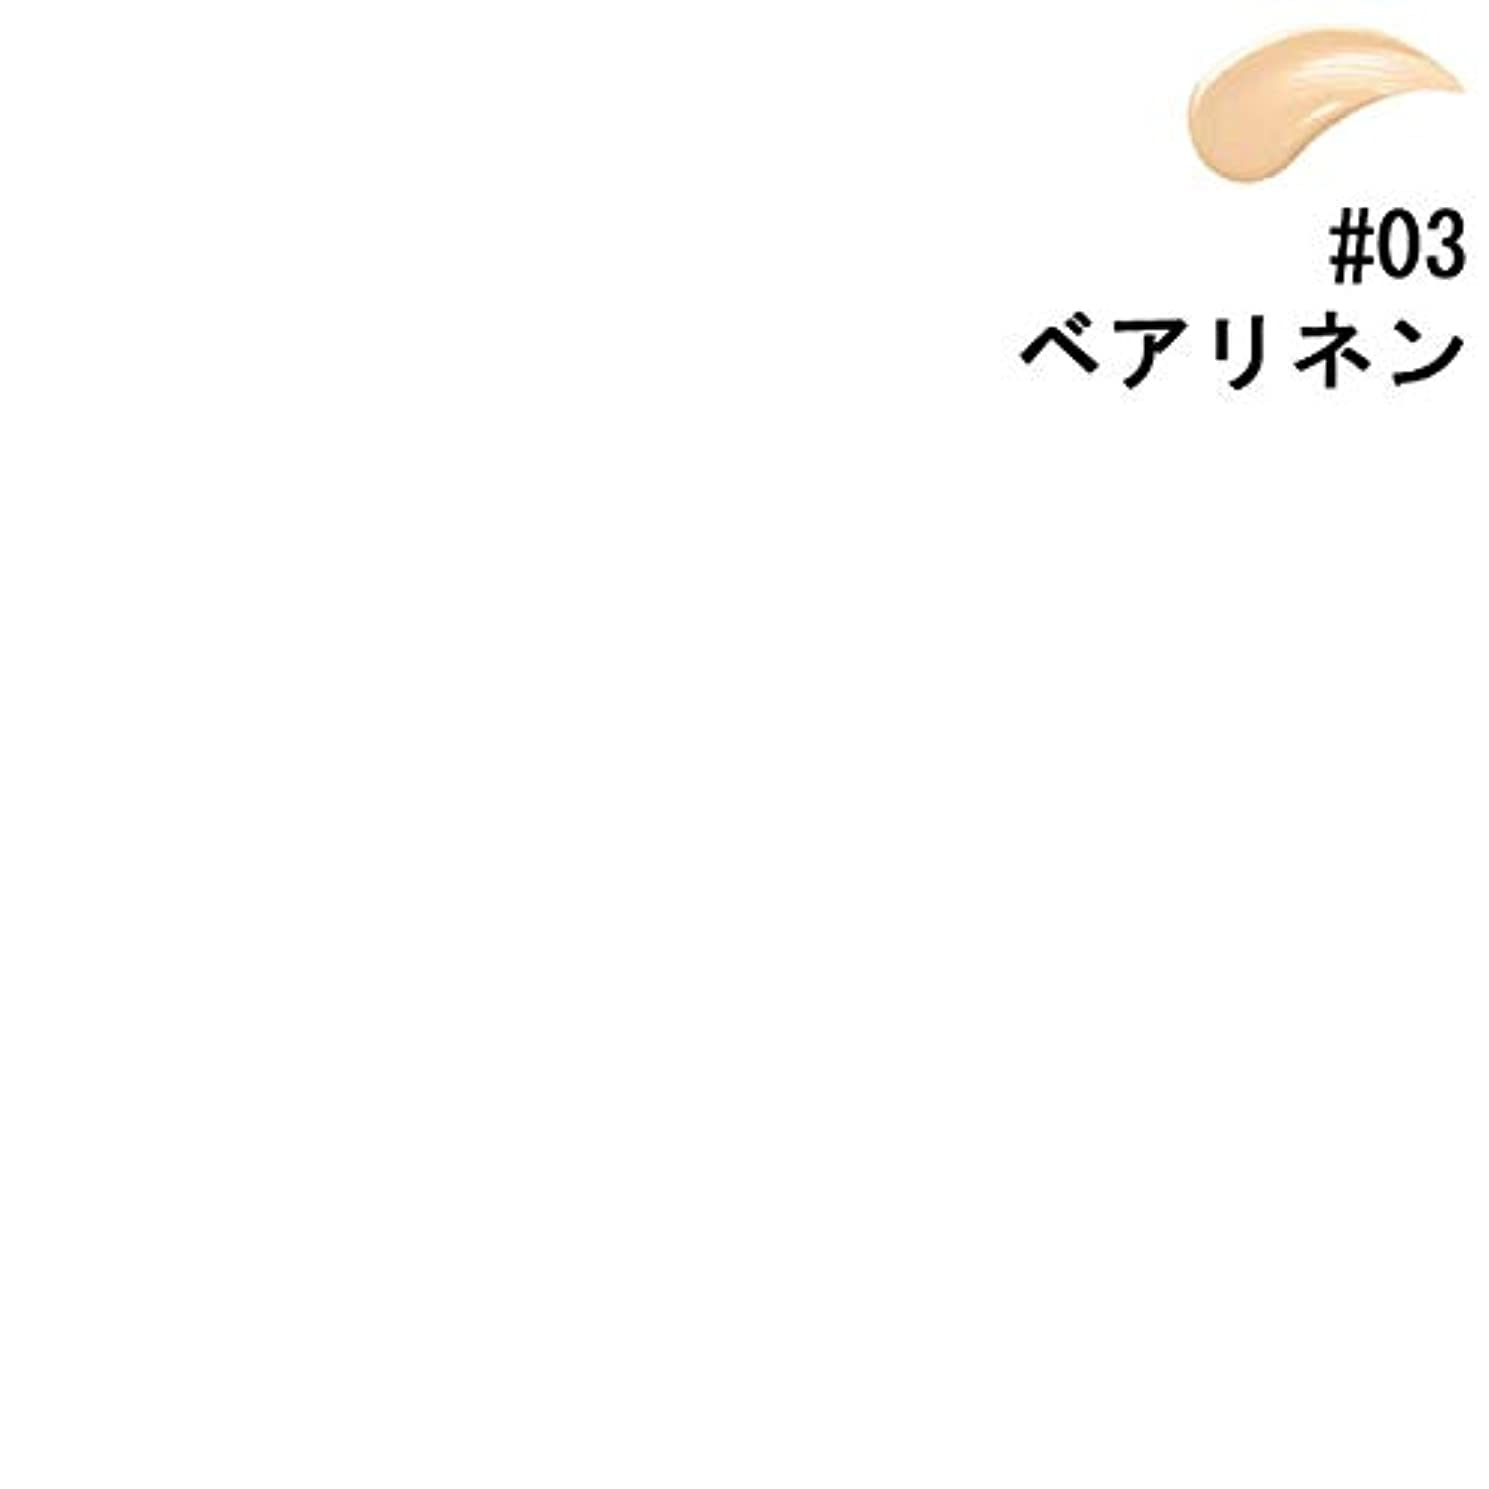 強化する酔って順応性のある【ベアミネラル】ベアミネラル ベア ファンデーション #03 ベアリネン 30ml [並行輸入品]